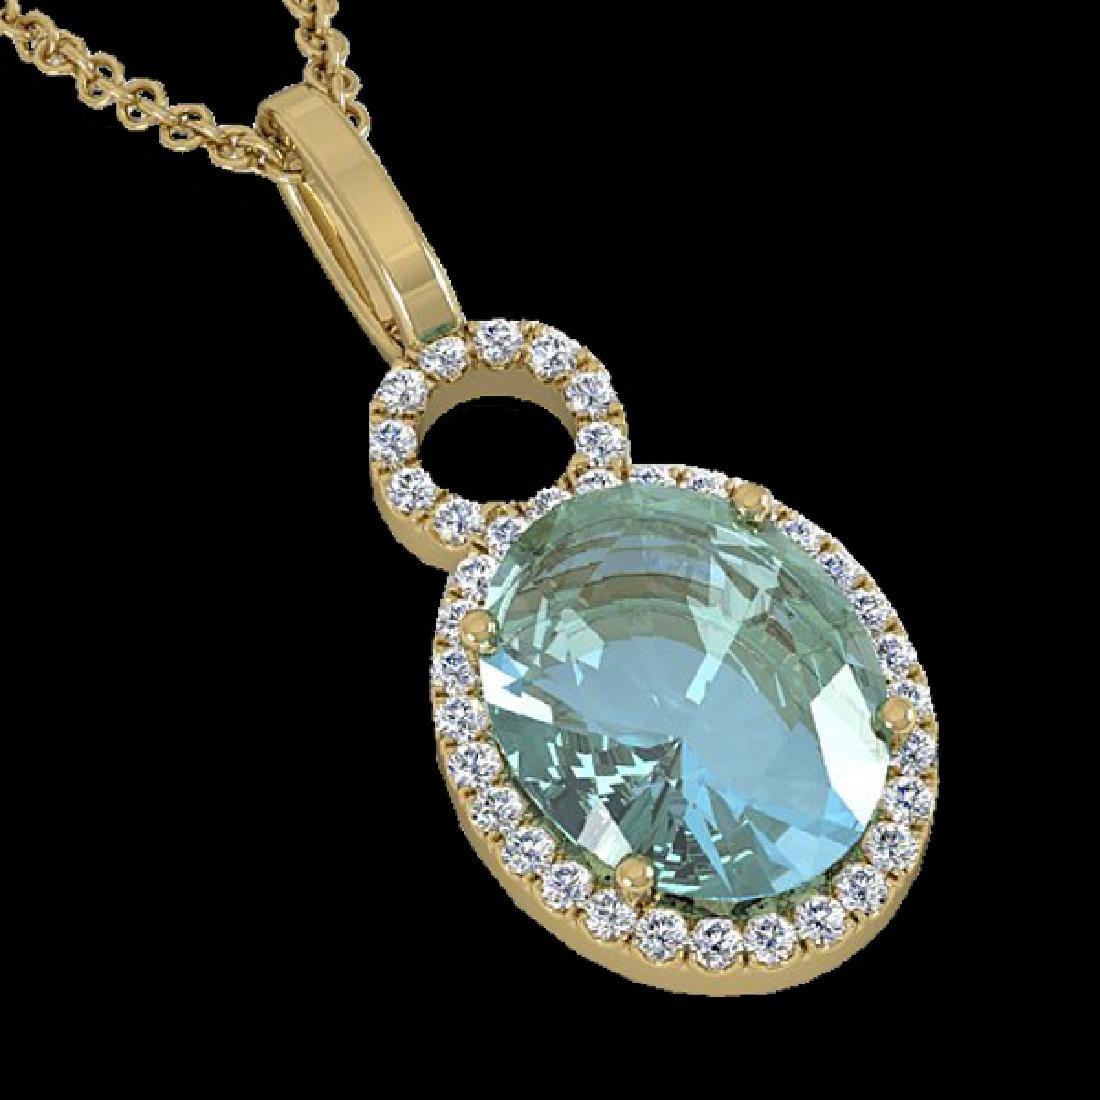 4 CTW Sky Blue Topaz & Pave Halo VS/SI Diamond Necklace